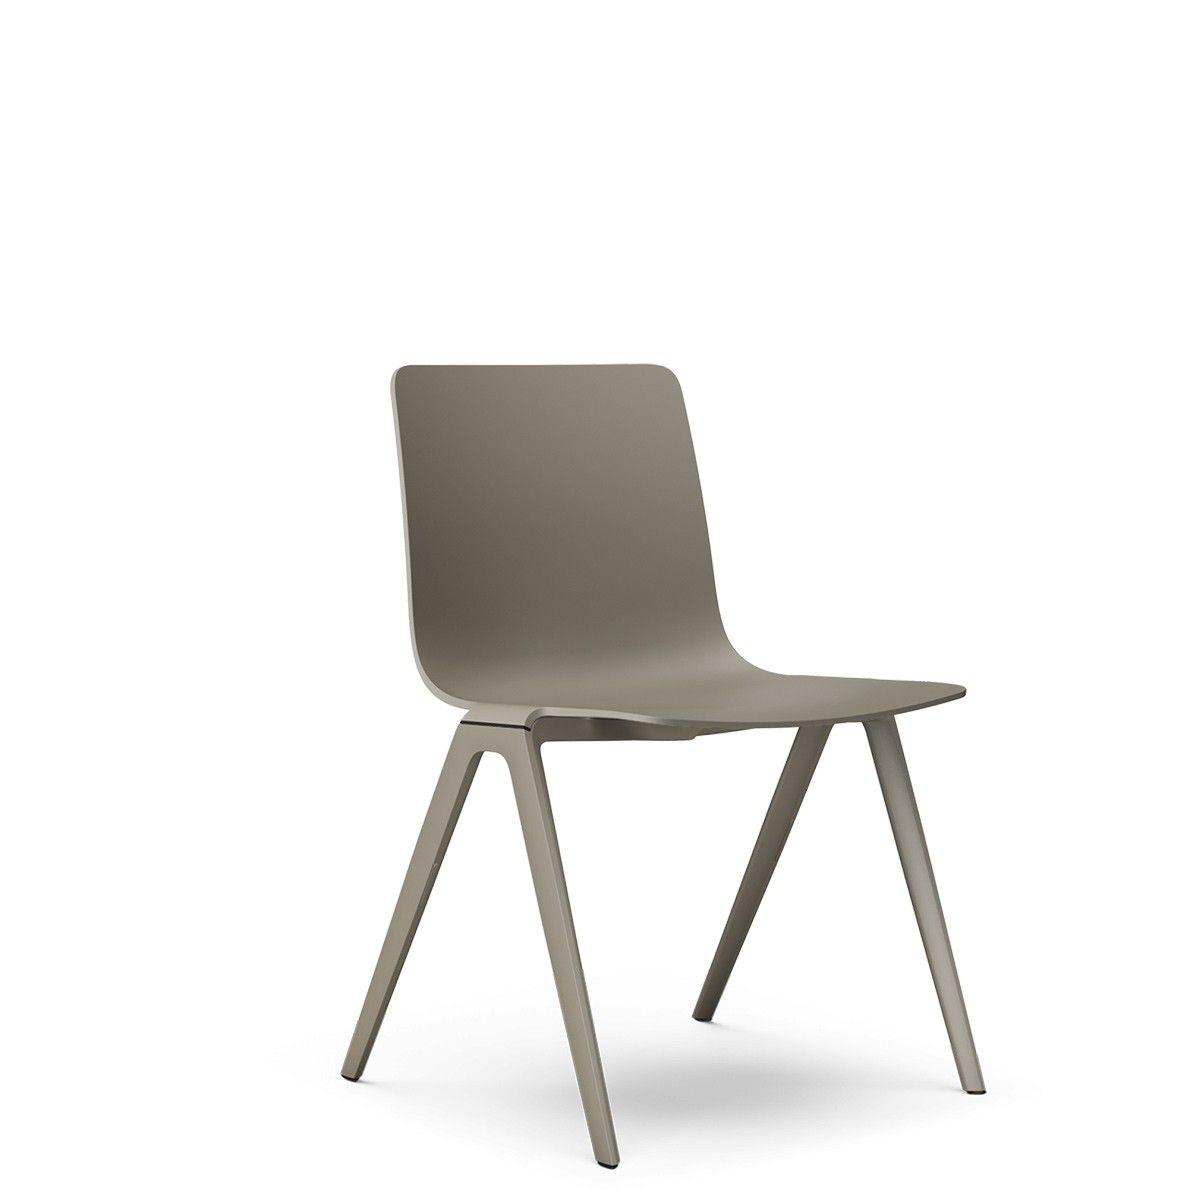 Brunner A-chair Stapelstuhl | BB_SEAT | Stapelstühle und Stühle